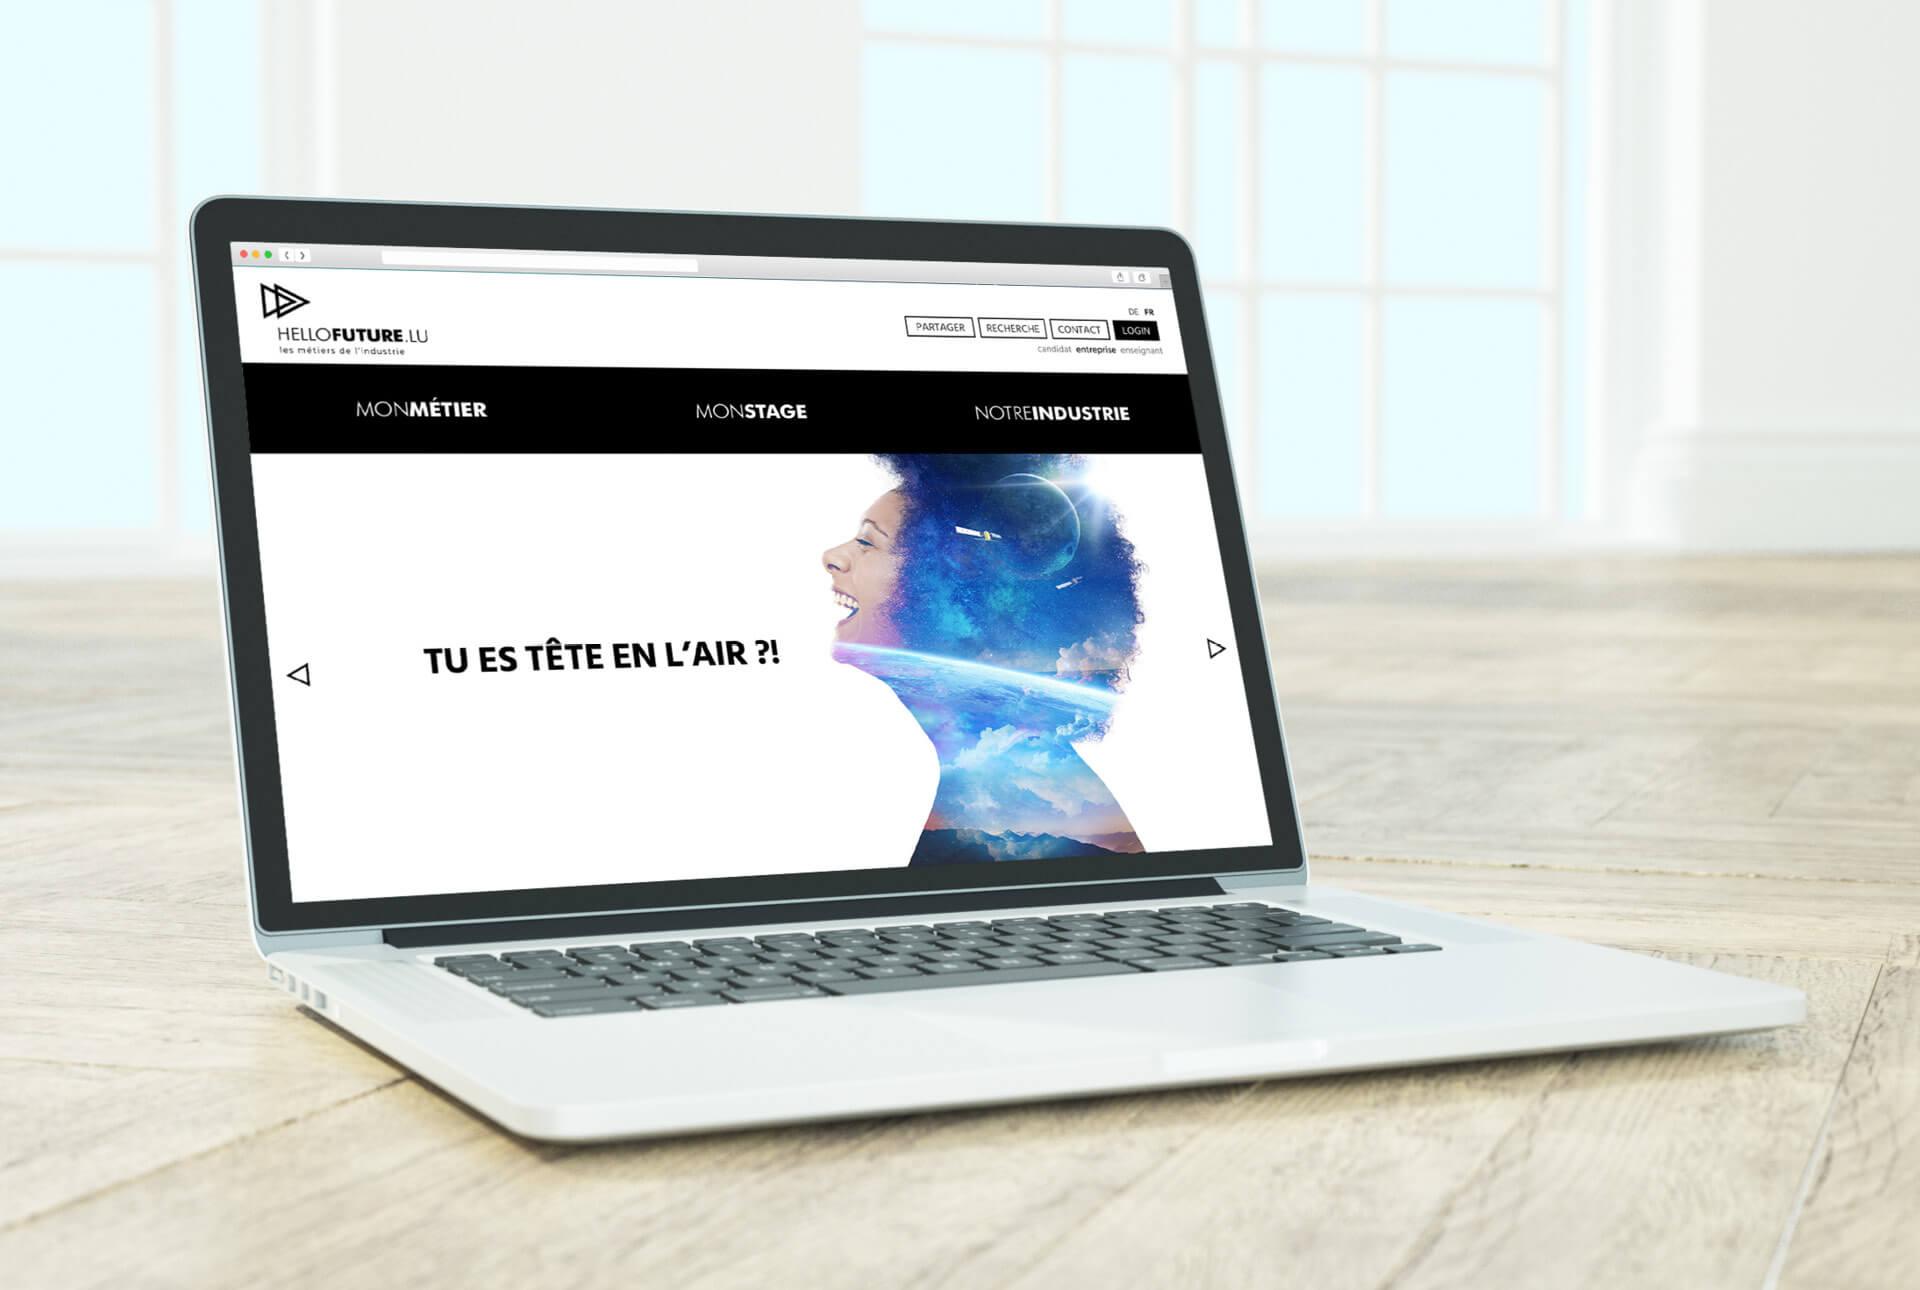 Site internet de la campagne hellofuture.lu. Il accompagne le concept de promotion des métiers de l'industrie